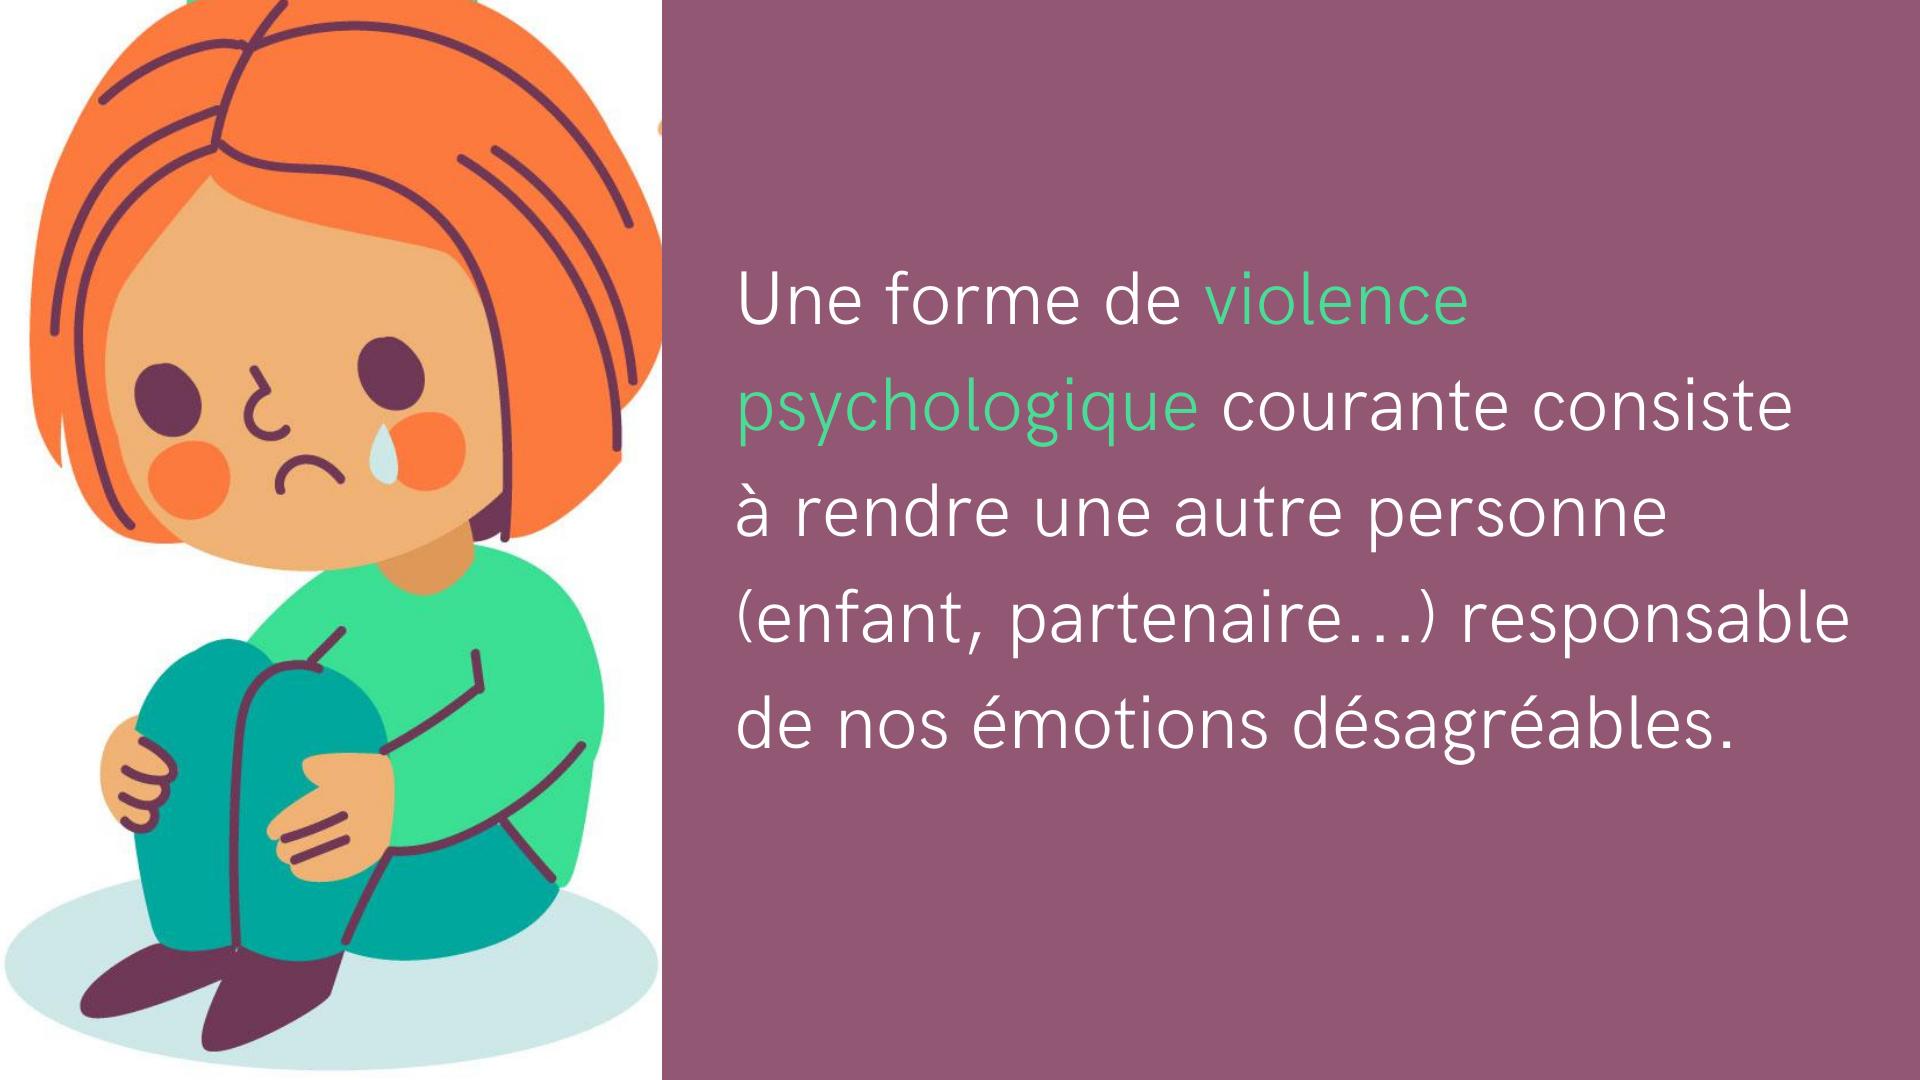 violence psychologique autre responsable émotions désagréables